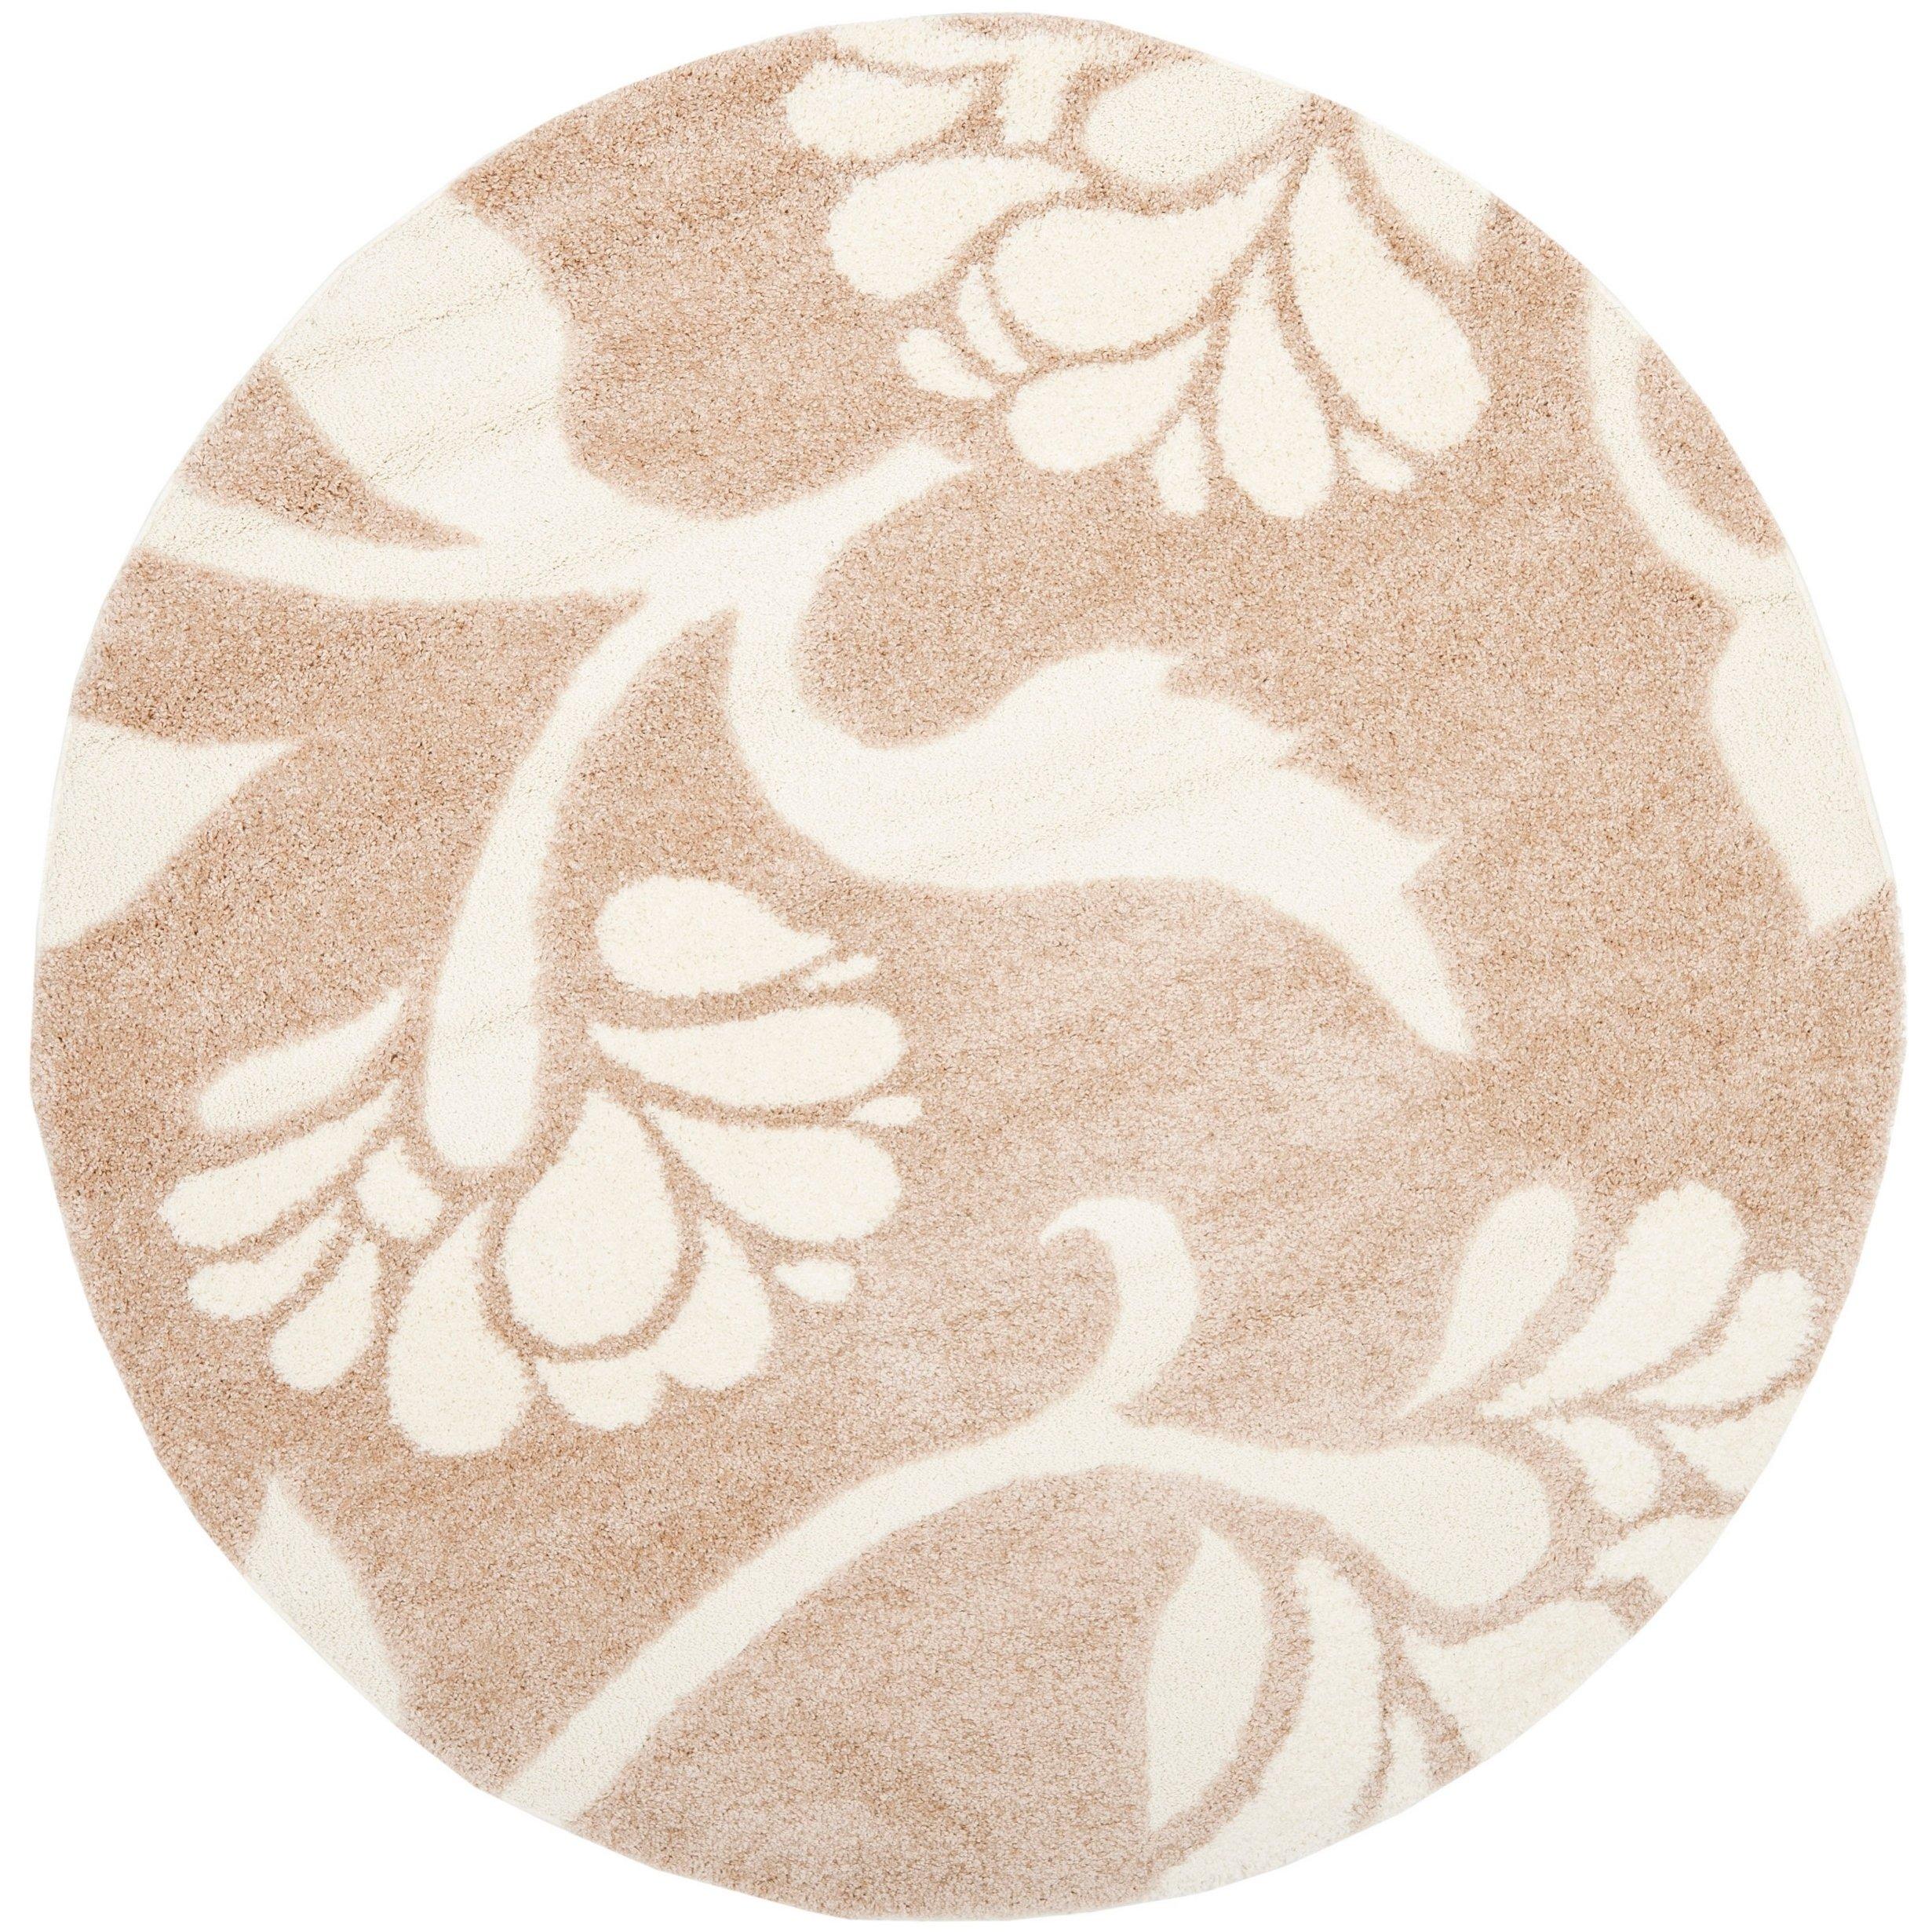 Safavieh Florida Shag Beige Cream Fl Round Rug 6 7 X Sg459 1311 7r Ivory Cotton Botanical